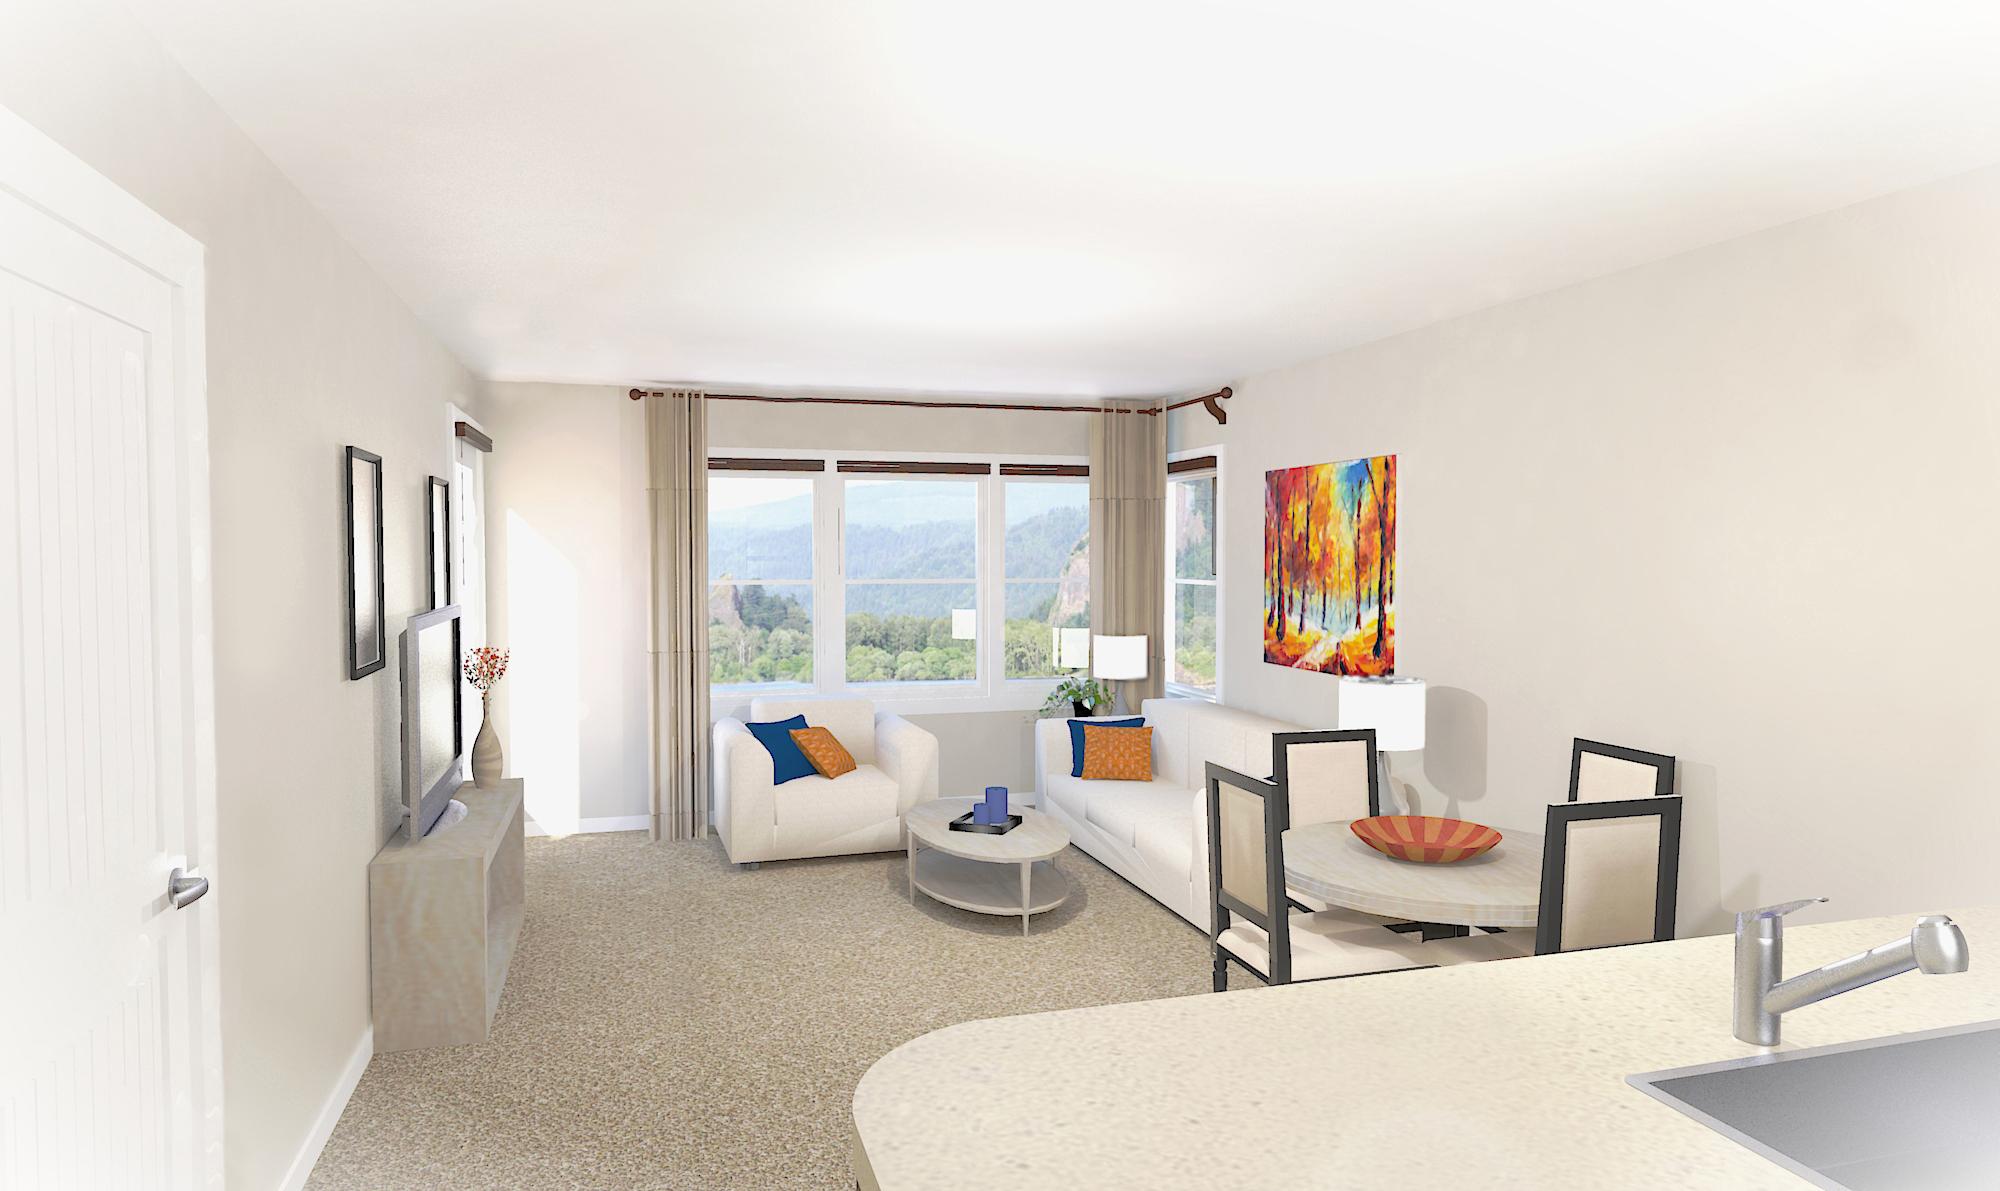 for renderings en design large real beautiful interior rendering drawbotics fullscreen open apartment estate